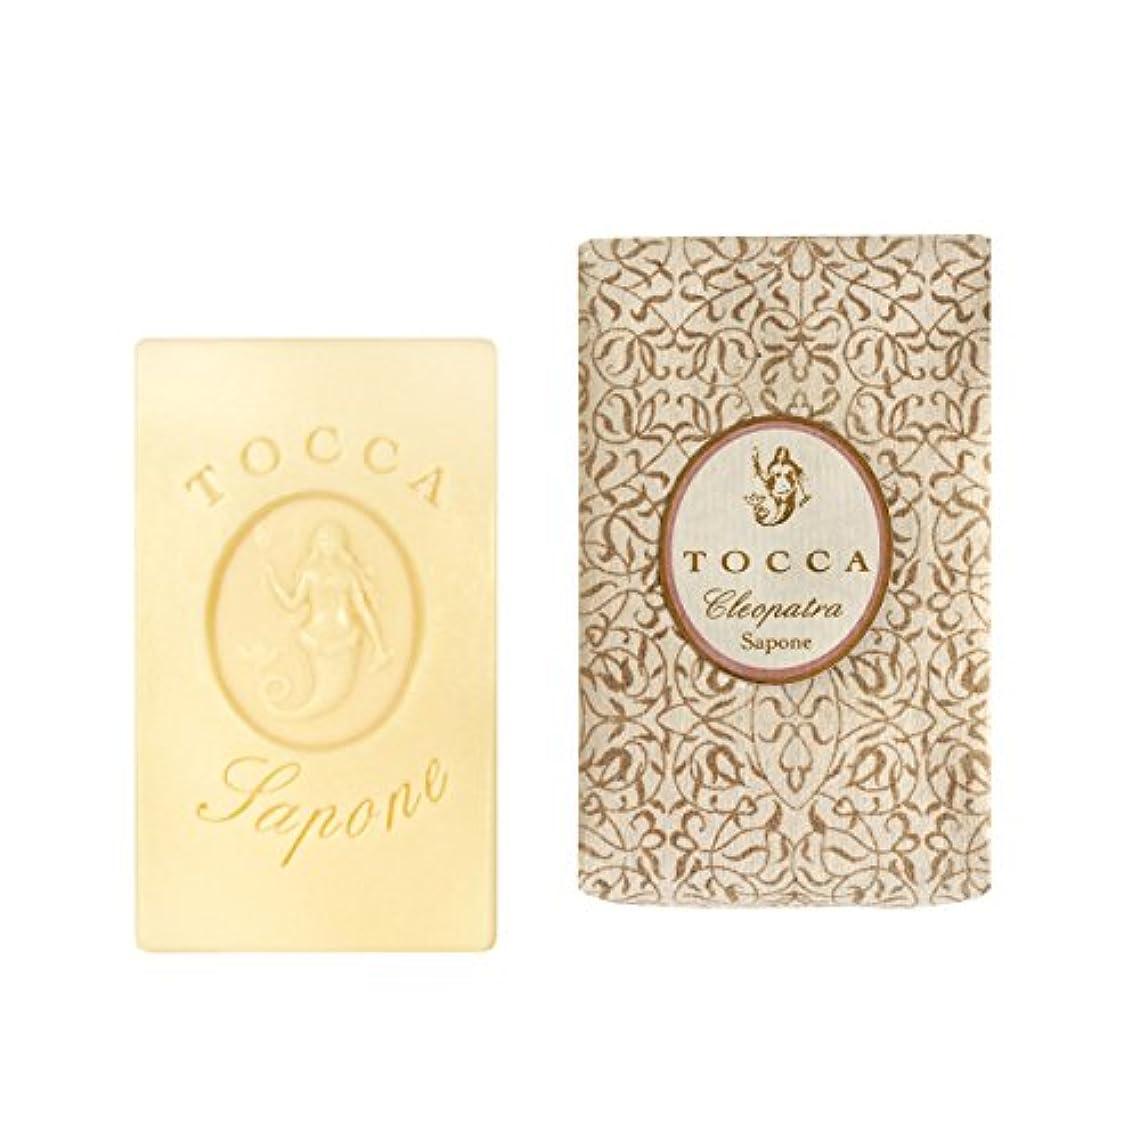 食料品店ランチョンプットトッカ(TOCCA) ソープバー クレオパトラの香り 113g(石けん 化粧石けん グレープフルーツとキューカンバーのフレッシュでクリーンな香り)